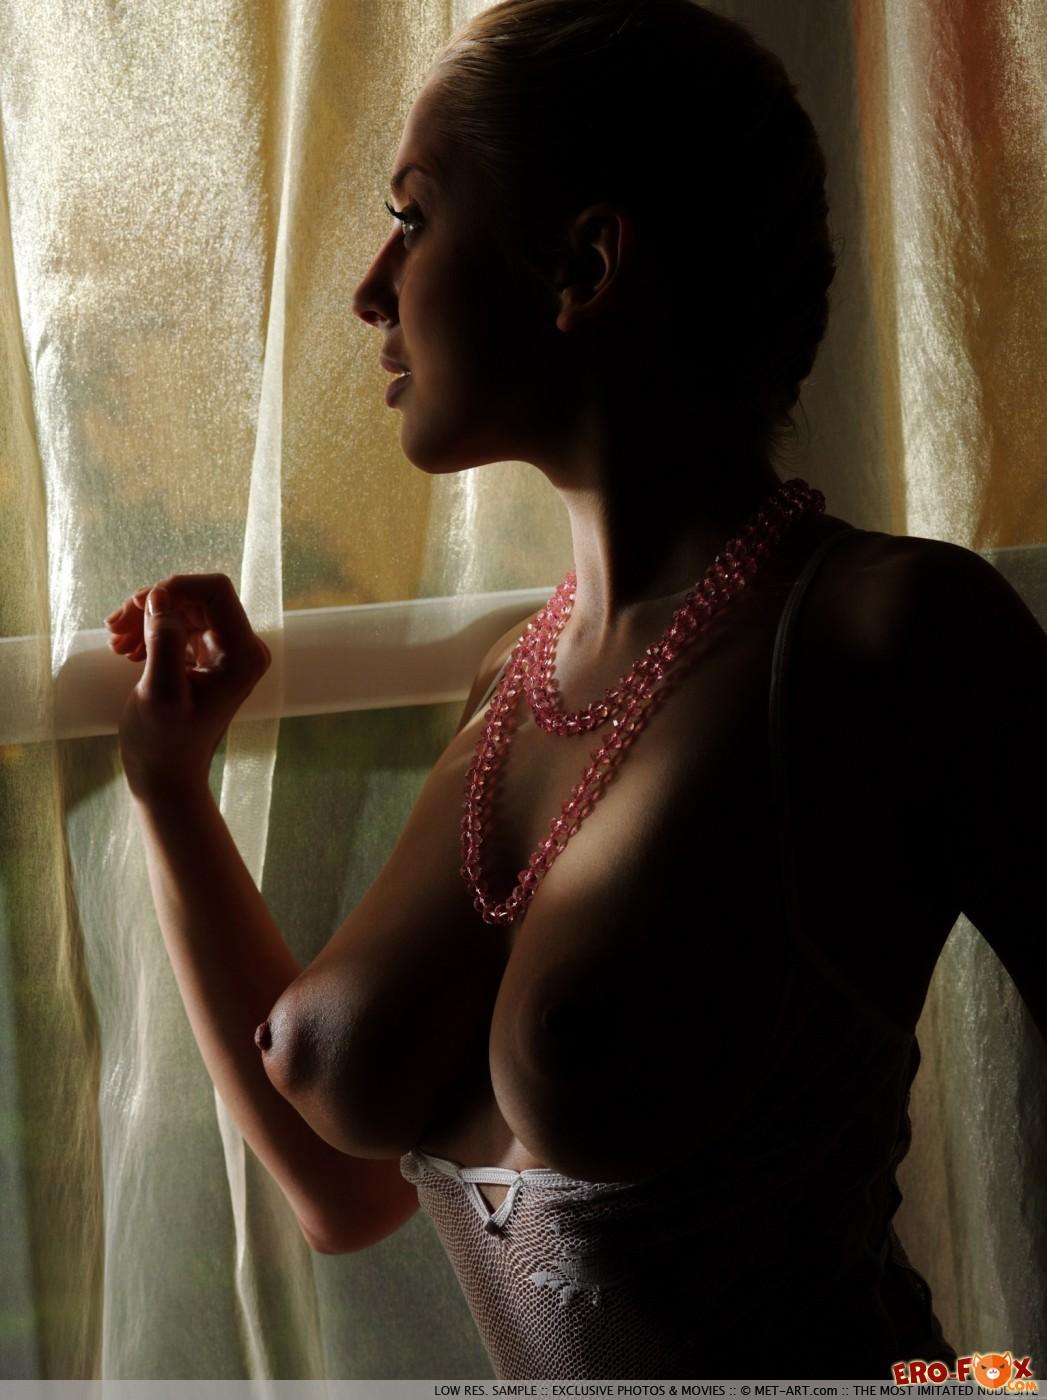 Ню фото томной  женщины 30 лет - красивая эротика.